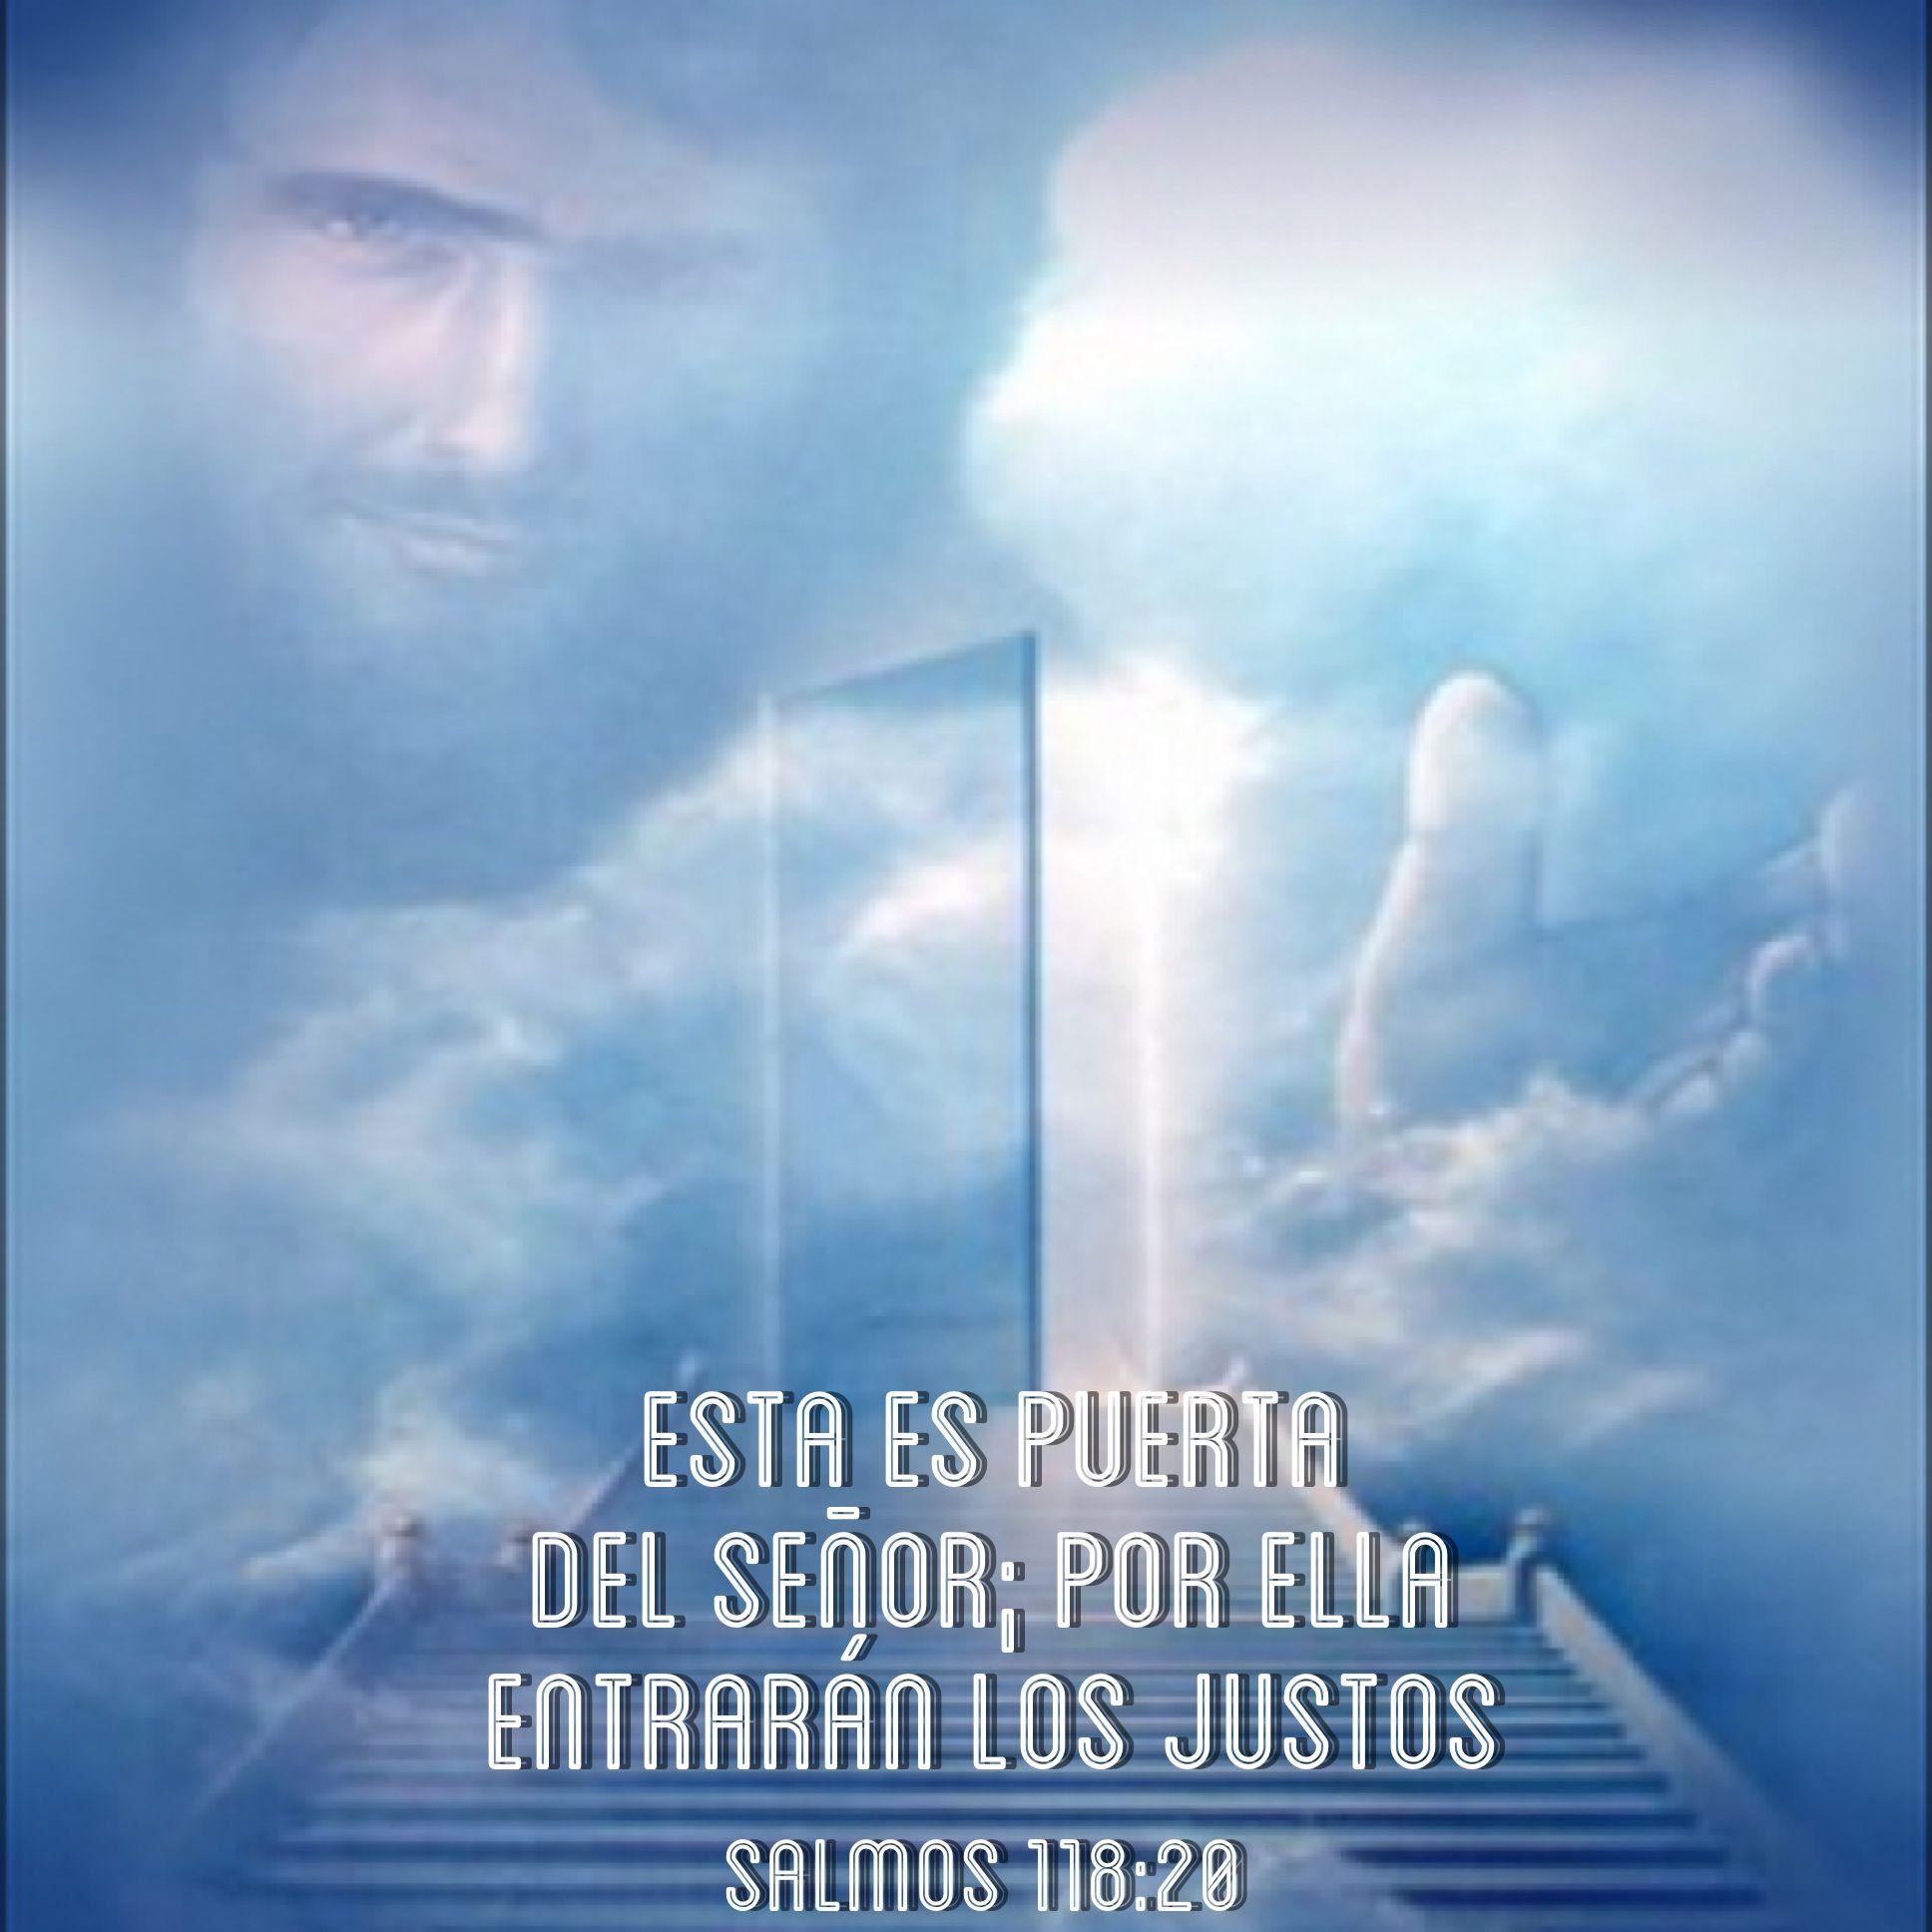 Esta es la puerta del Señor; por ella entraran los justos (Salmos 118:20)